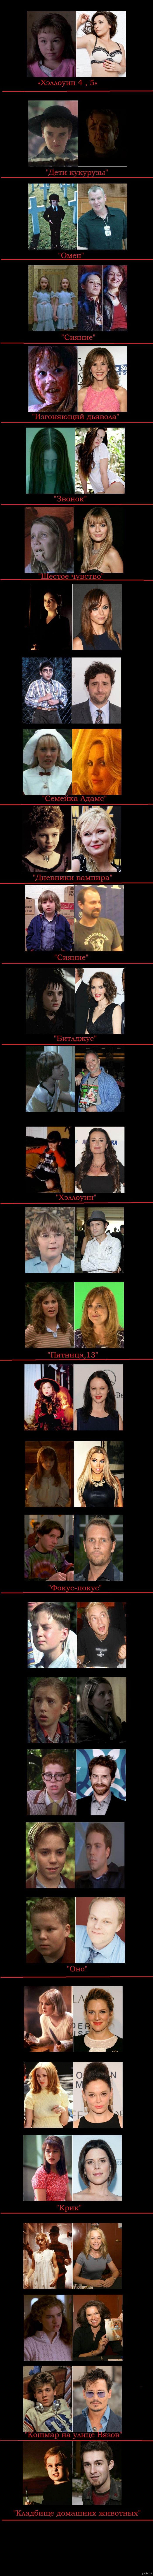 Детки из Фильмов Ужасов,тогда и сейчас.   фильмы ужасов, милые дети, артисты, Голливуд, длиннопост